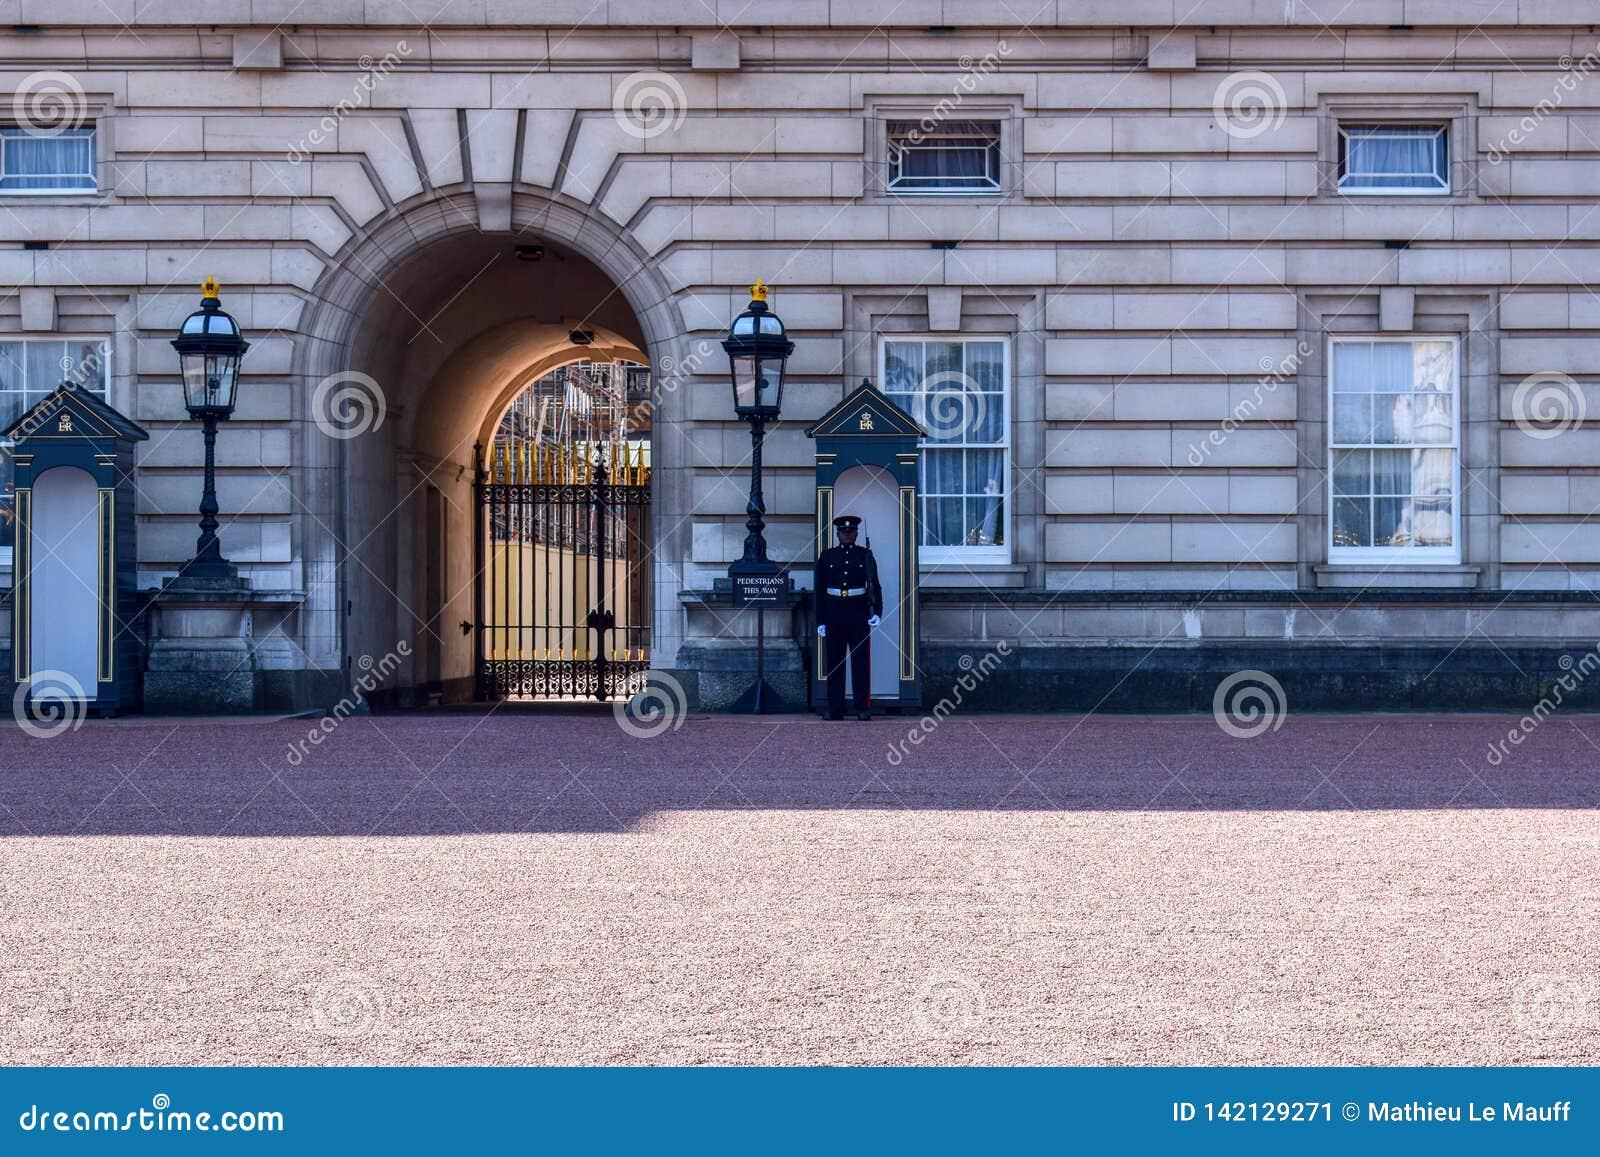 Guardia della sentinella in servizio al Buckingham Palace a Londra, Inghilterra